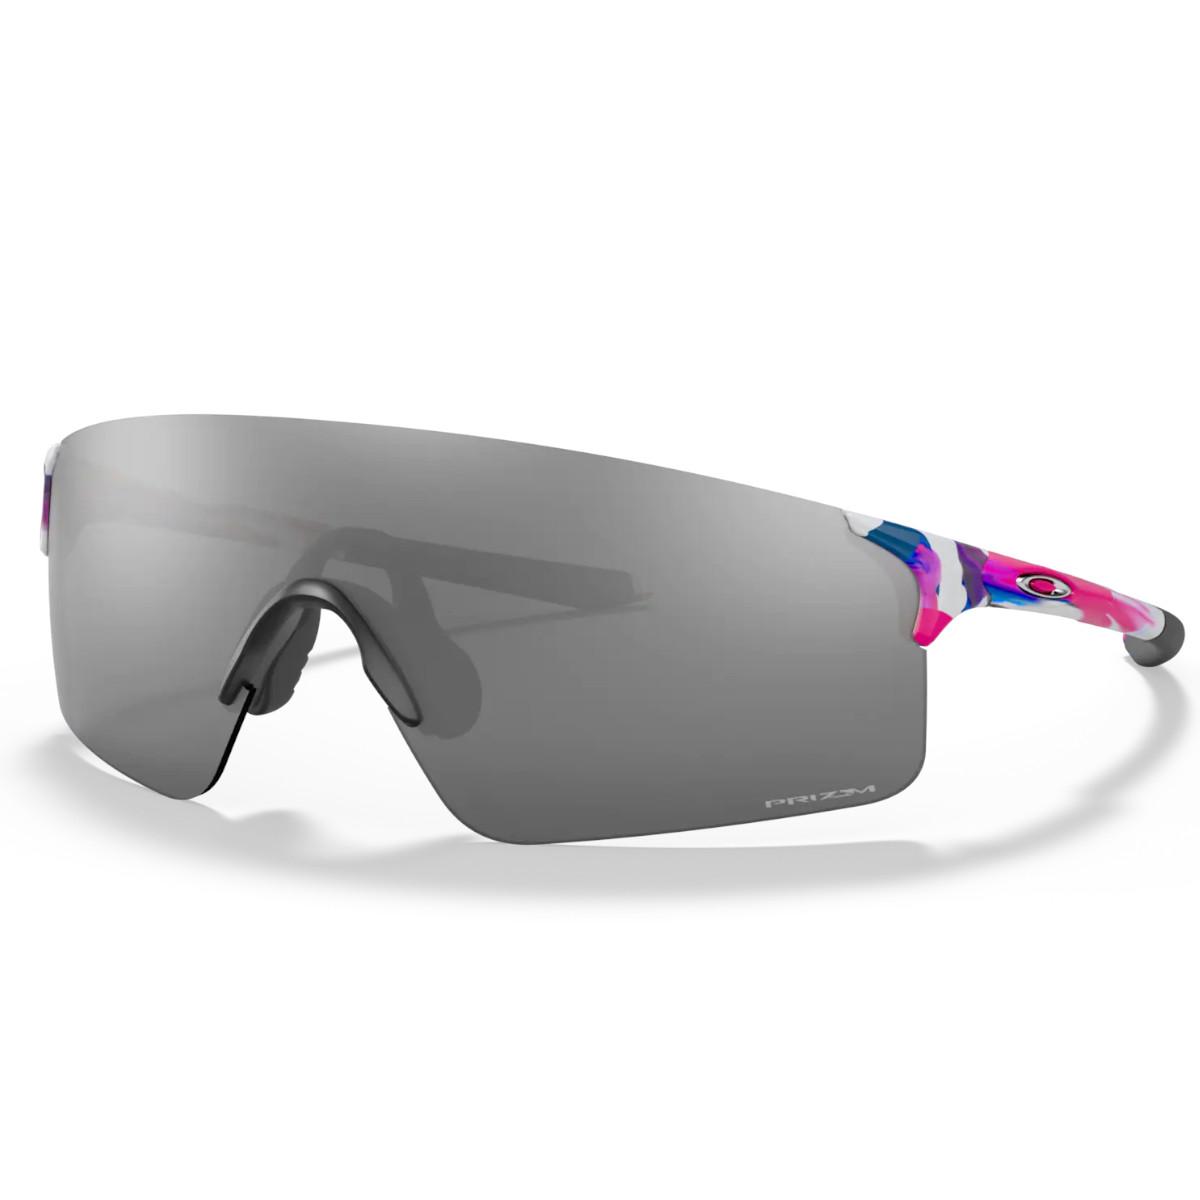 Óculos Oakley Evzero Blades Kokoro Meguru Spin Prizm Black